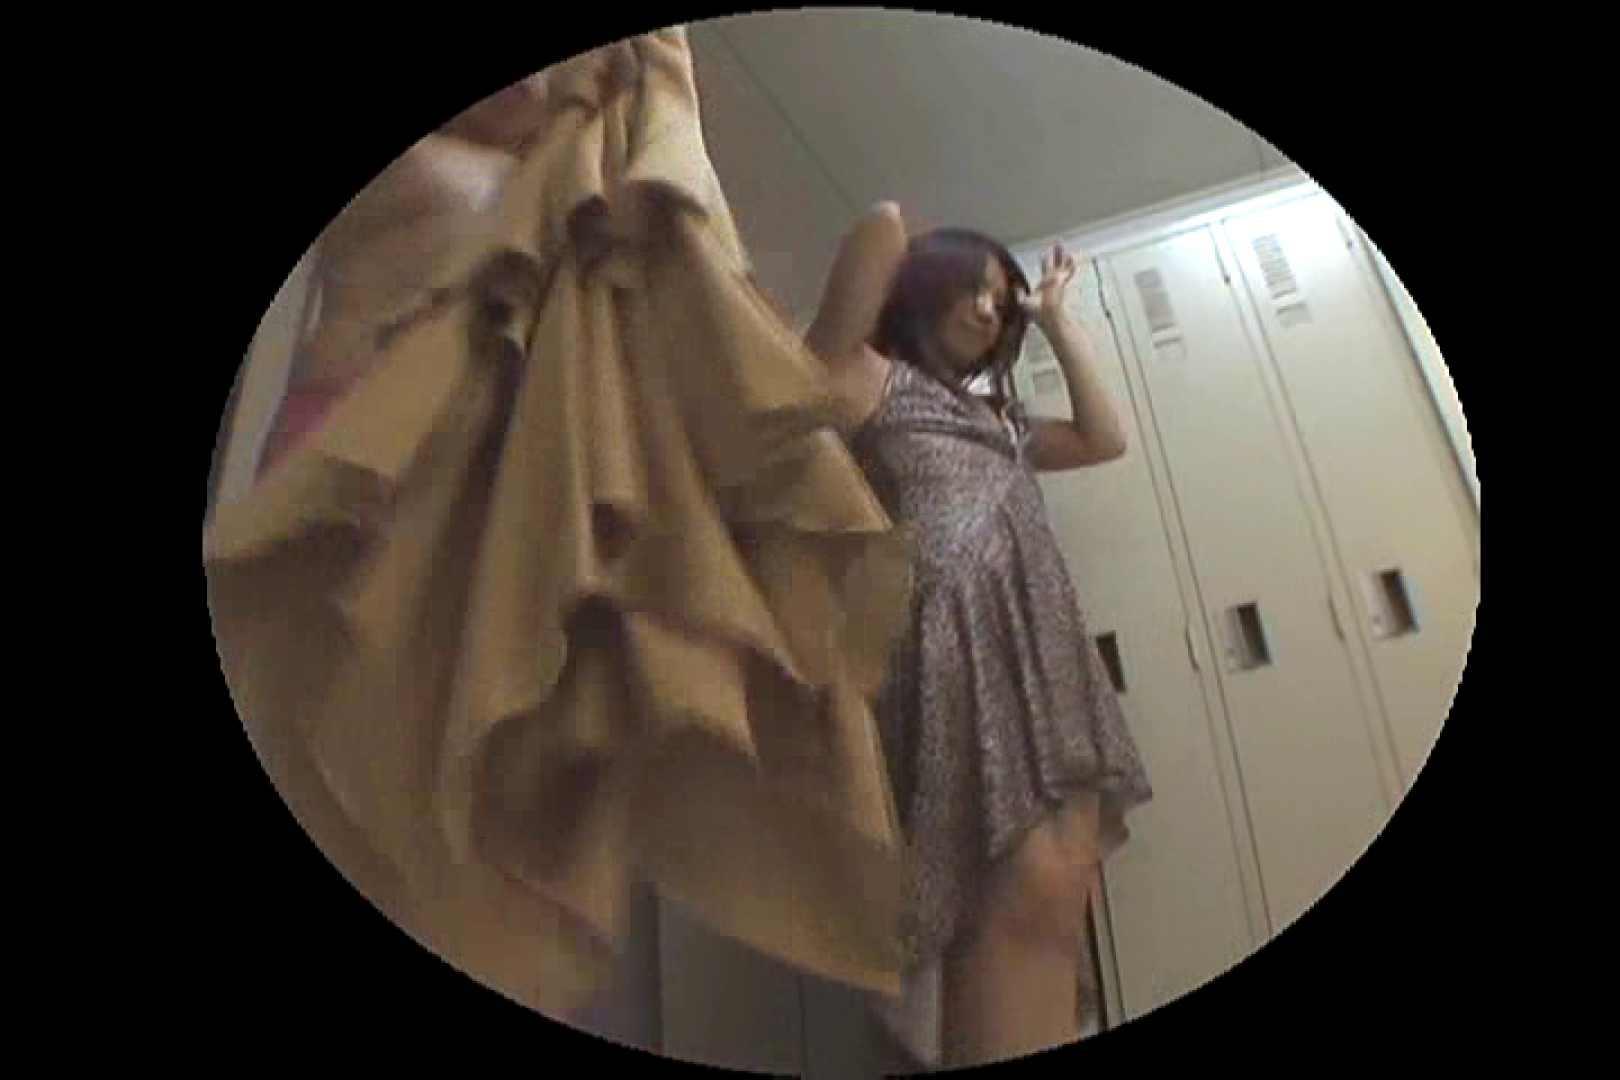 キャバ嬢舞台裏Vol.4 美しいOLの裸体 セックス無修正動画無料 85pic 18